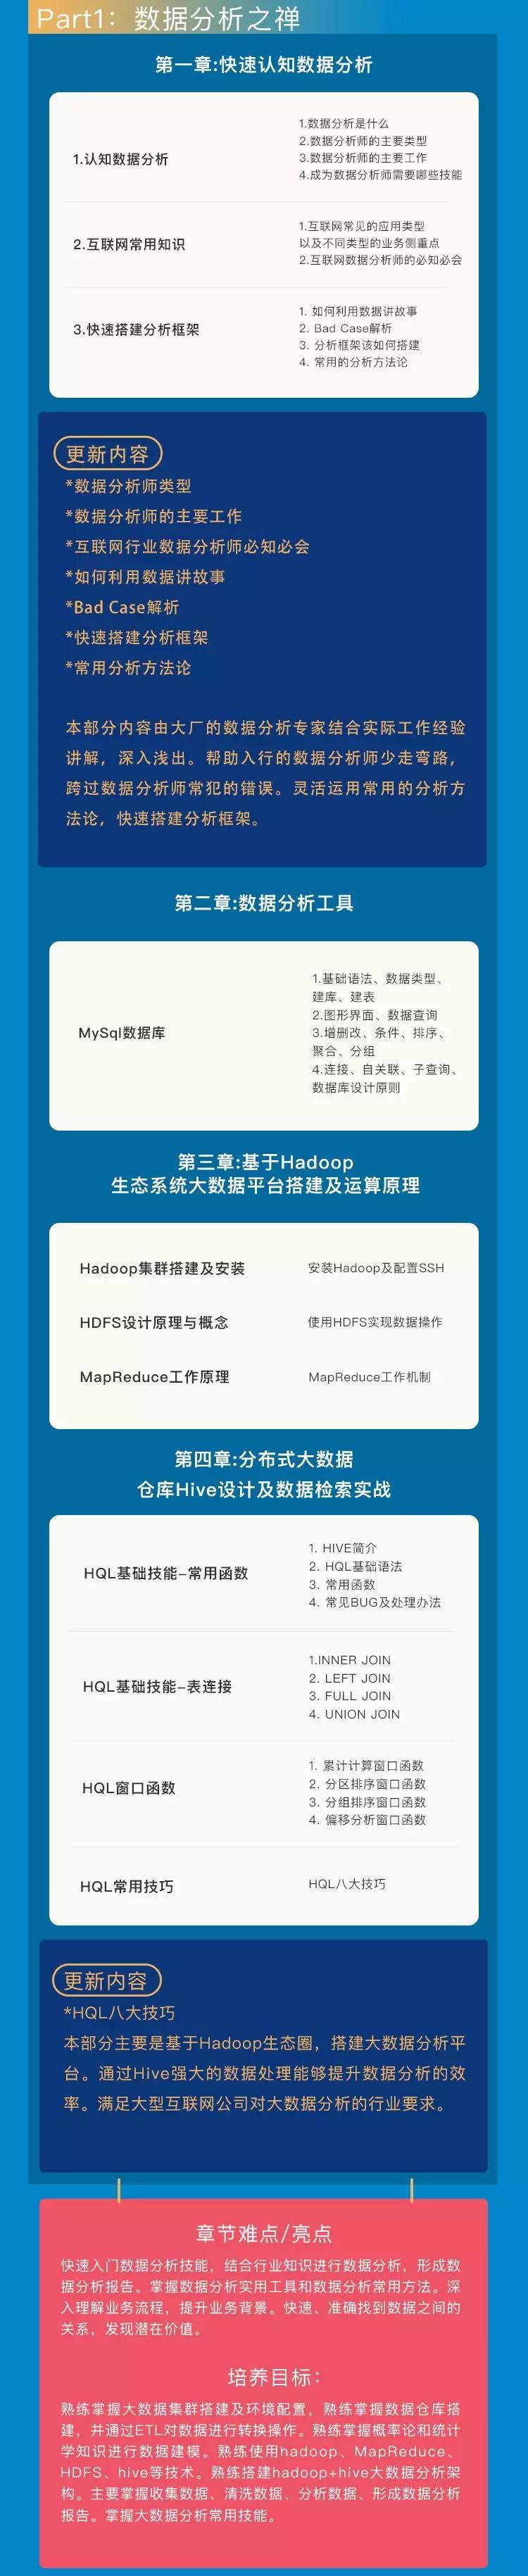 """分享廖雪峰的""""大数据分析全栈工程师""""课程"""